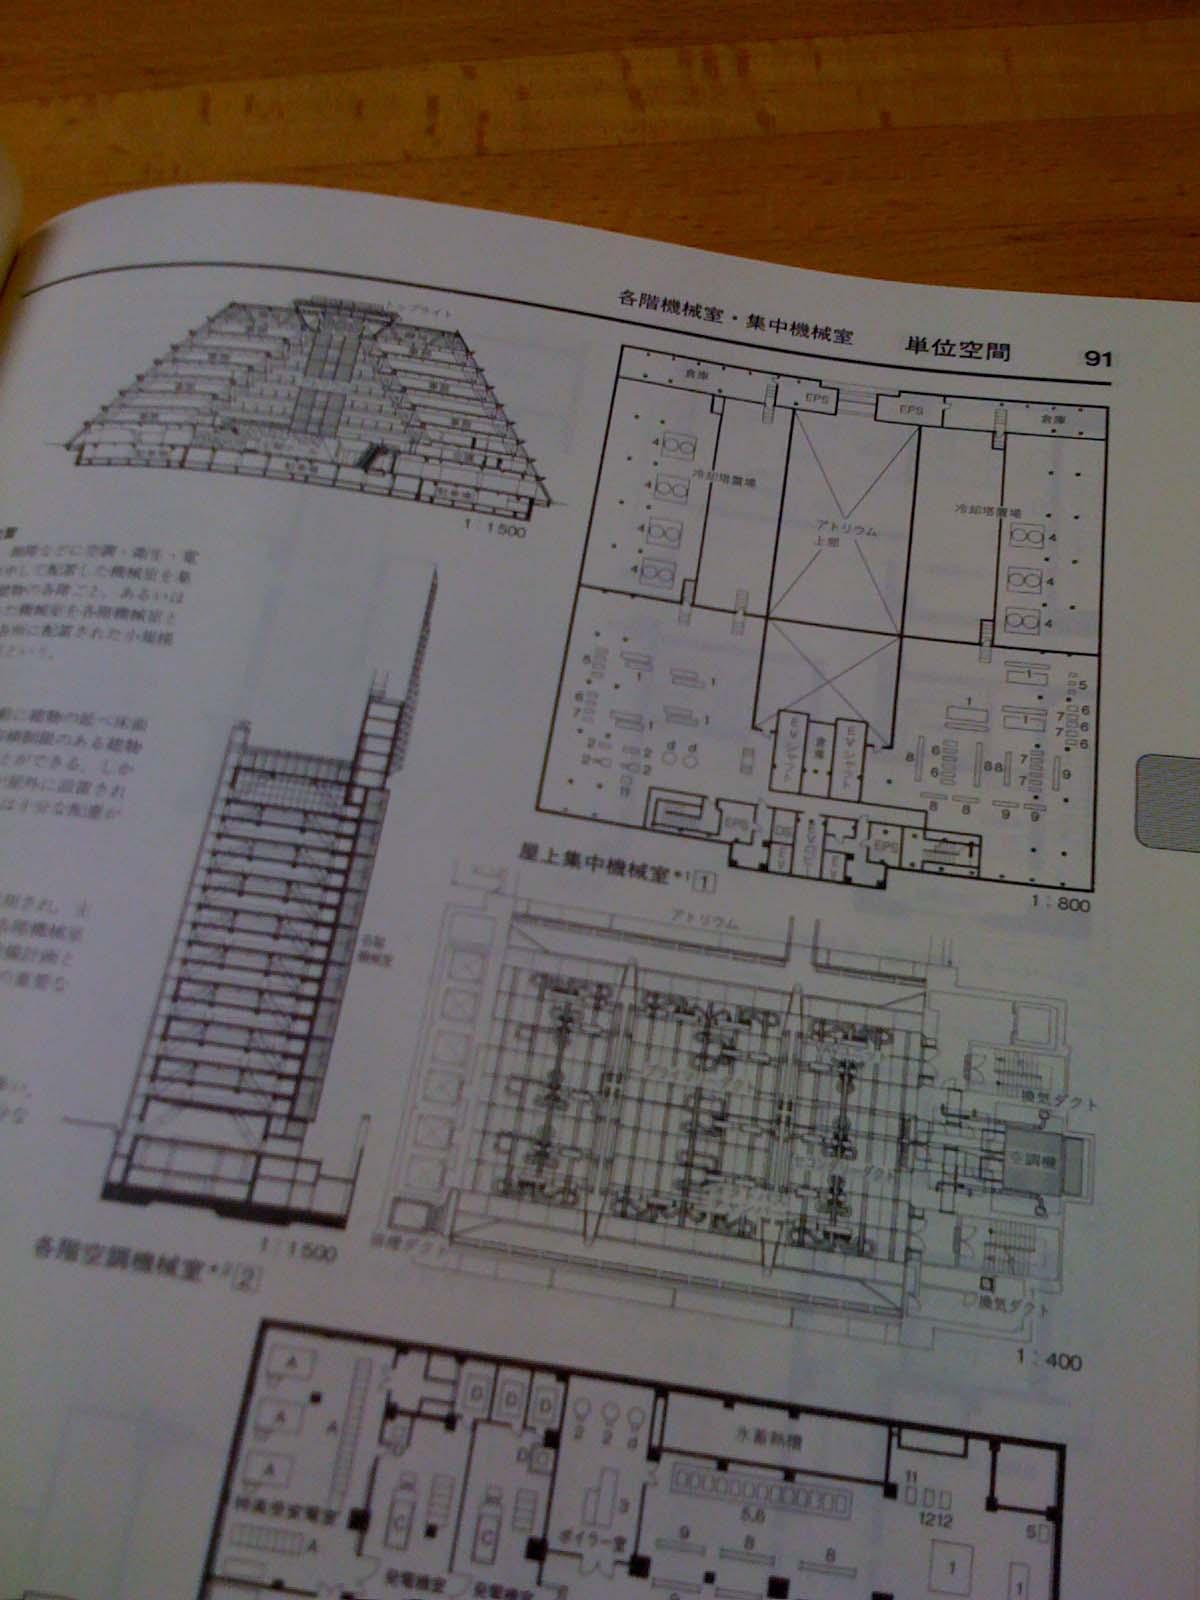 コンパクト建築設計資料集成_c0166765_20215689.jpg